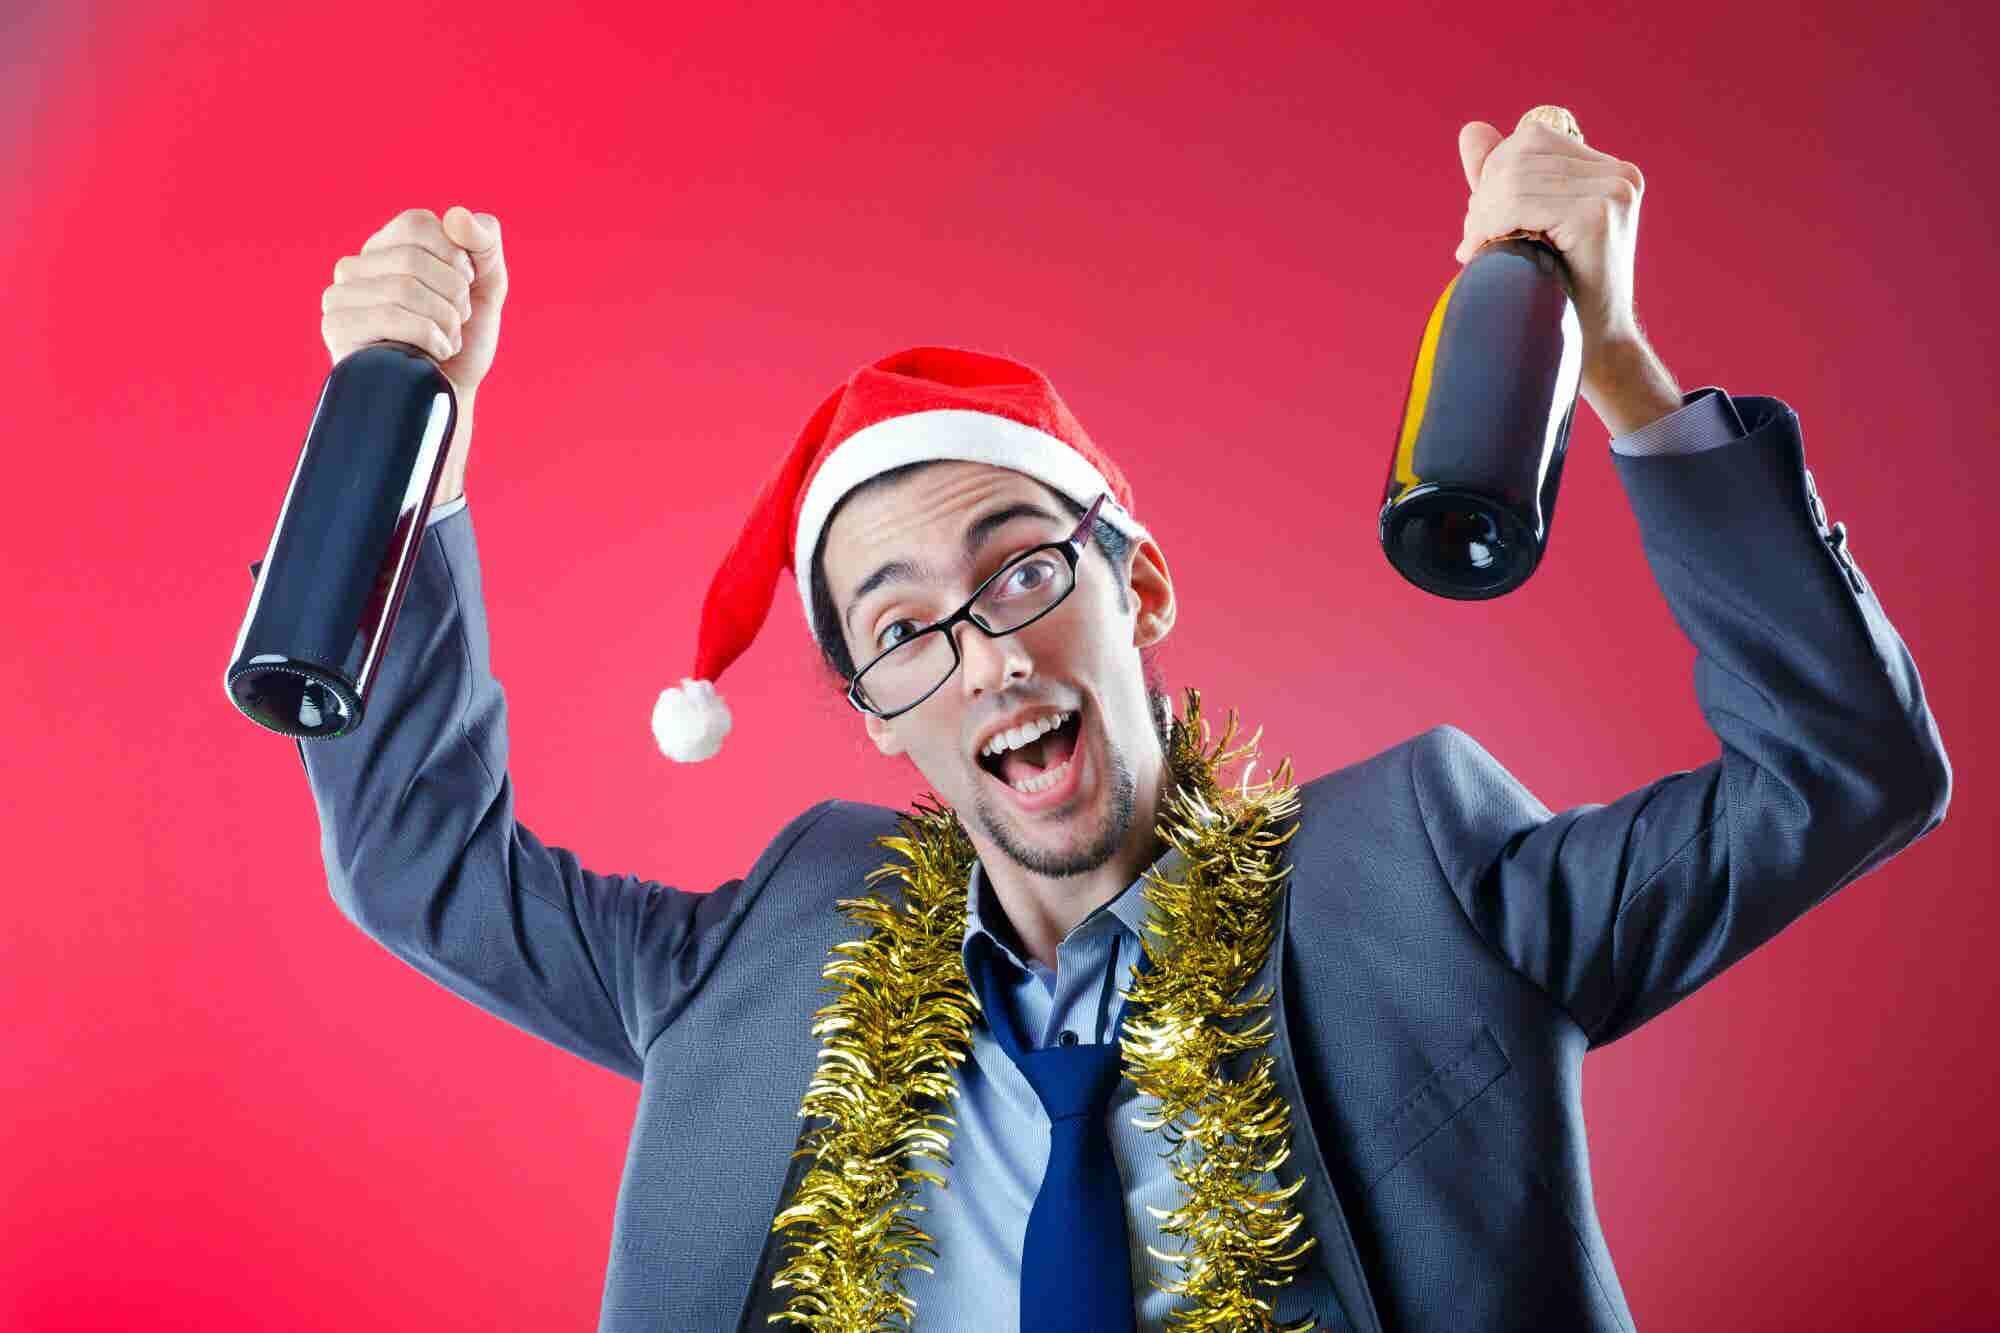 Fiestas de fin de año: cómo no hacer el ridículo con jefes, clientes y...